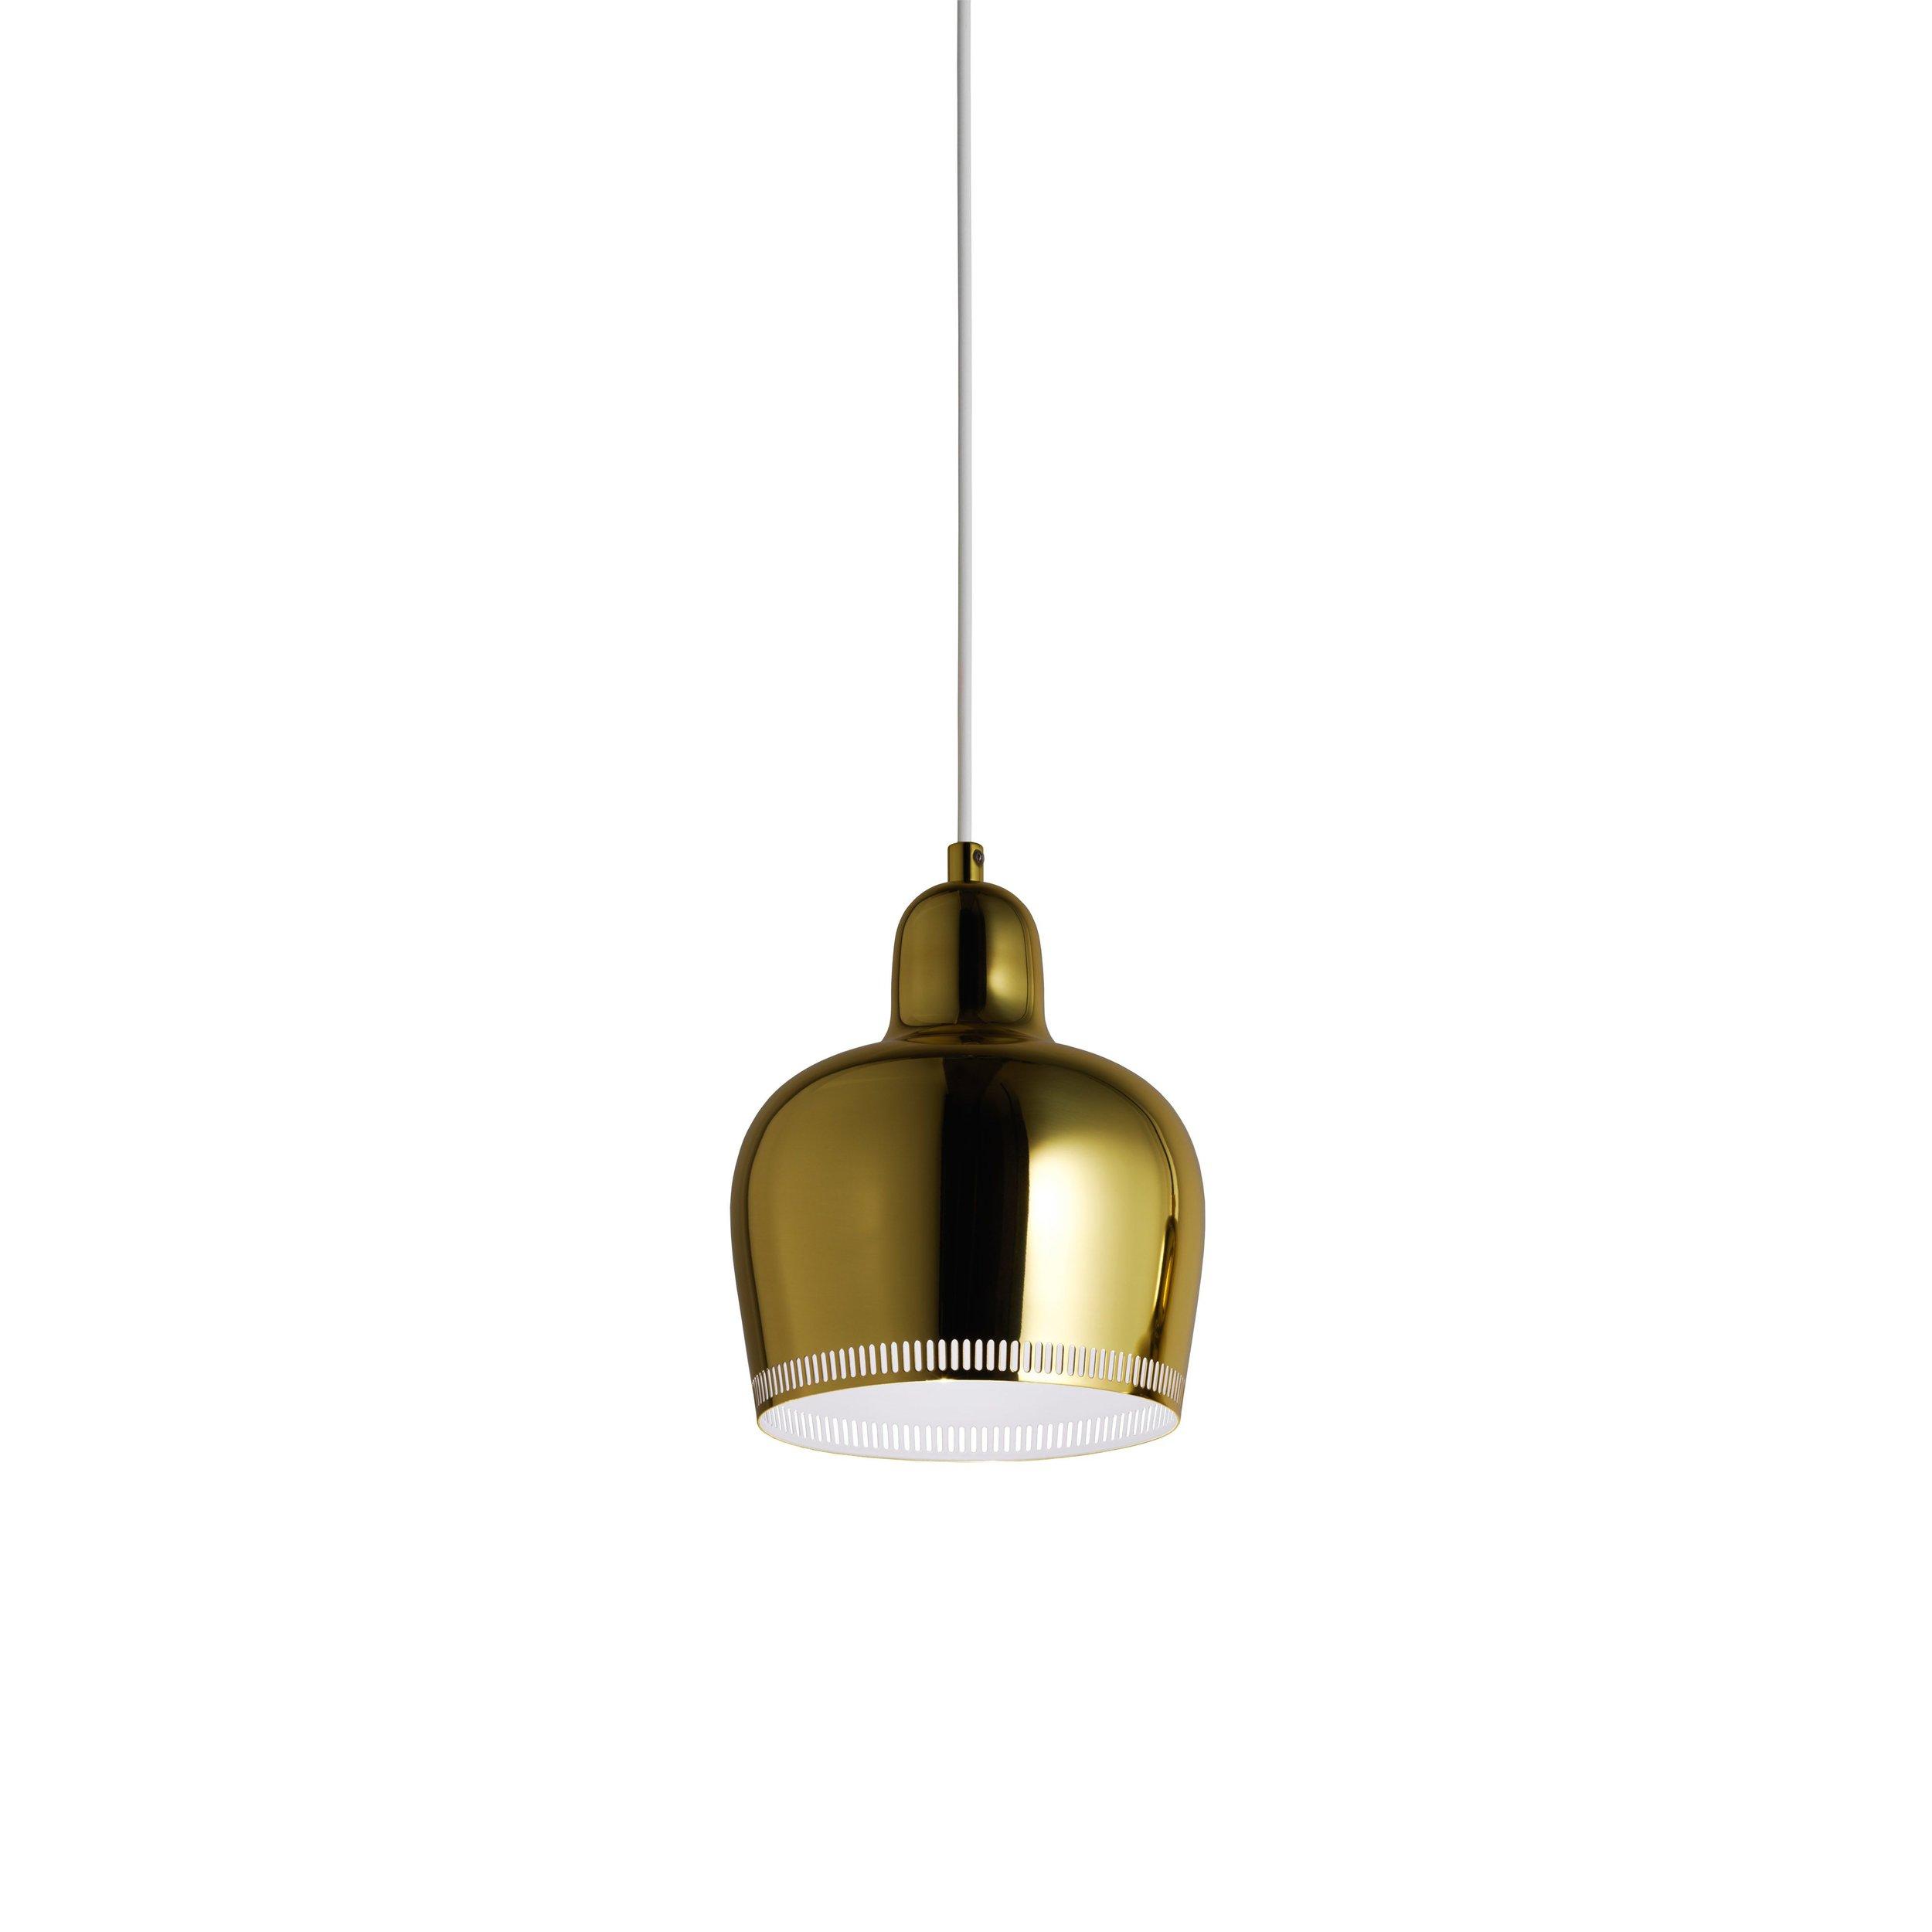 Mehr Licht! Artek Pendelleuchte Golden Bell